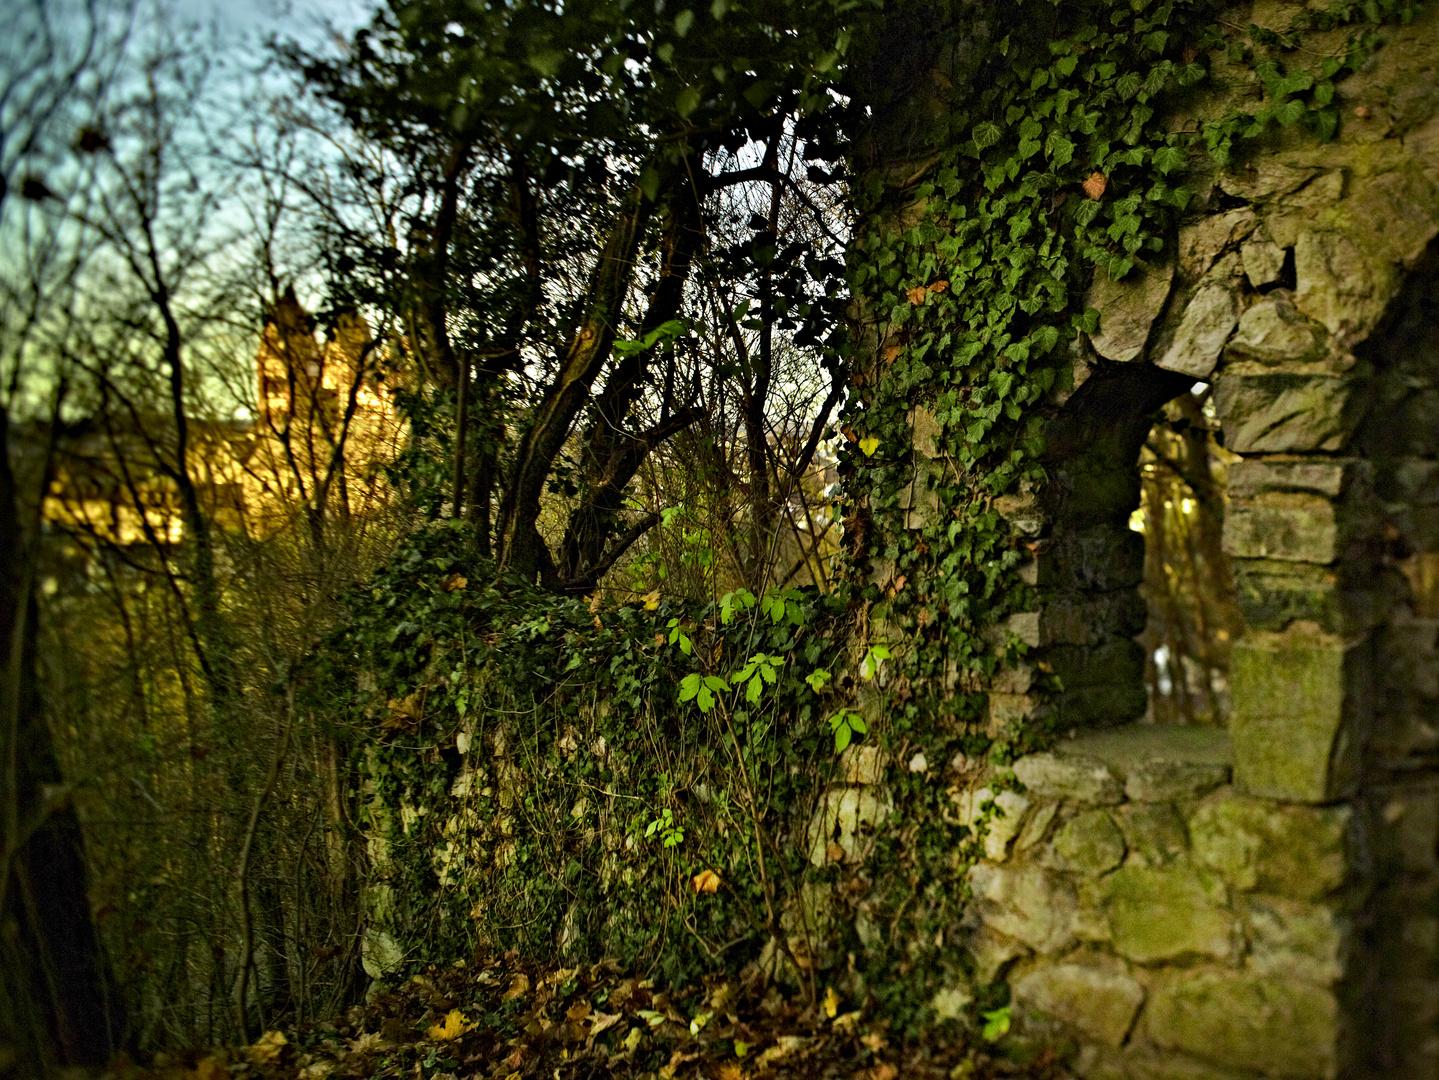 Ruine eines kleinen Klosters mit Blick auf den Dom zu Limburg